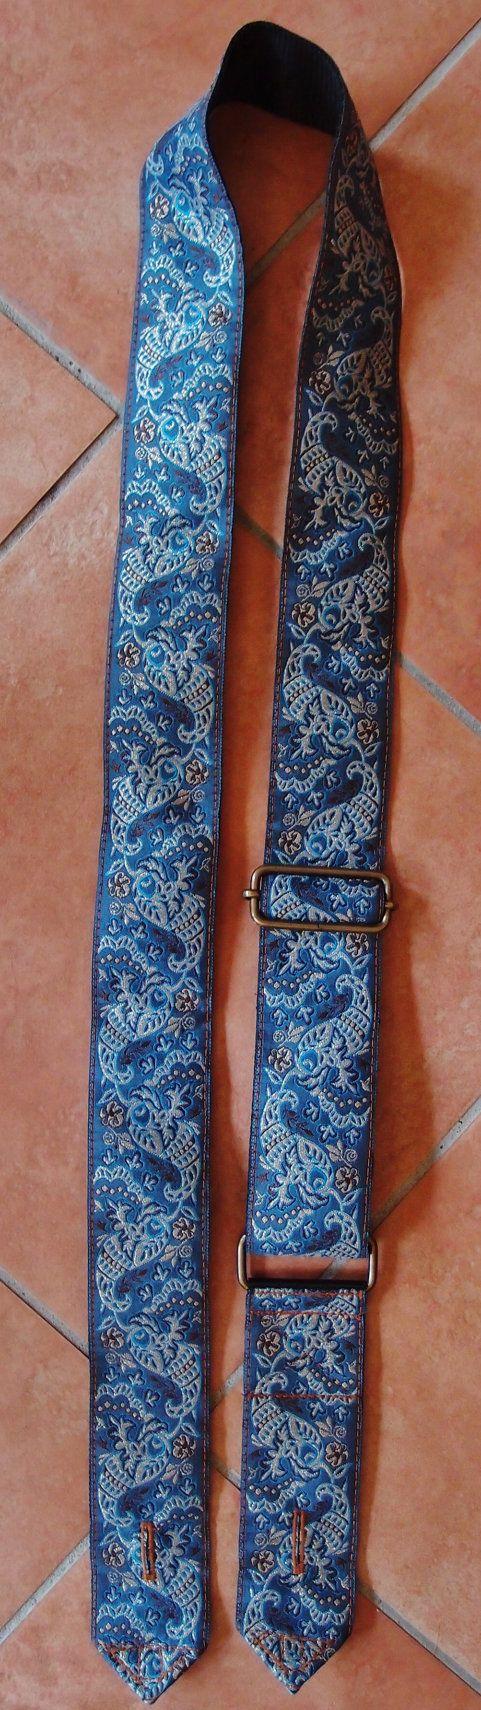 Tracolla per chitarra  Guitar strap made in Italy di EliCreates, €33.00